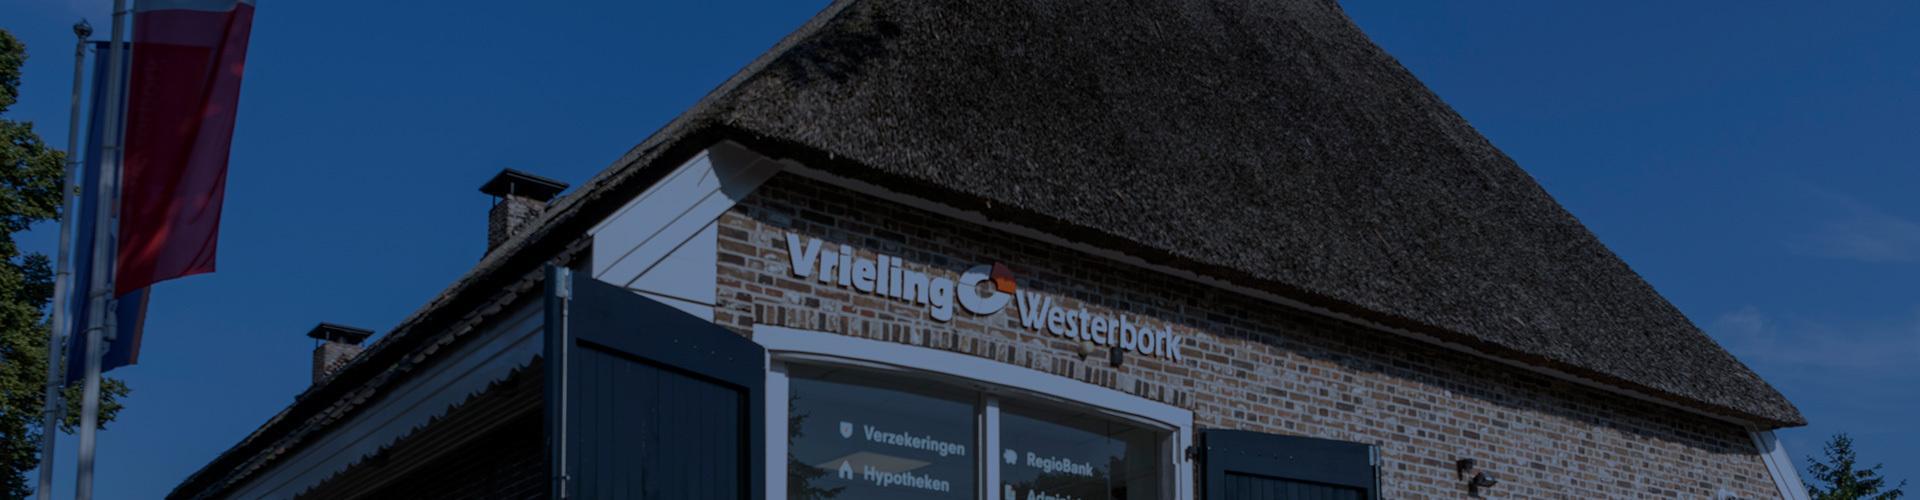 Westerbork, daar zijn we weer!